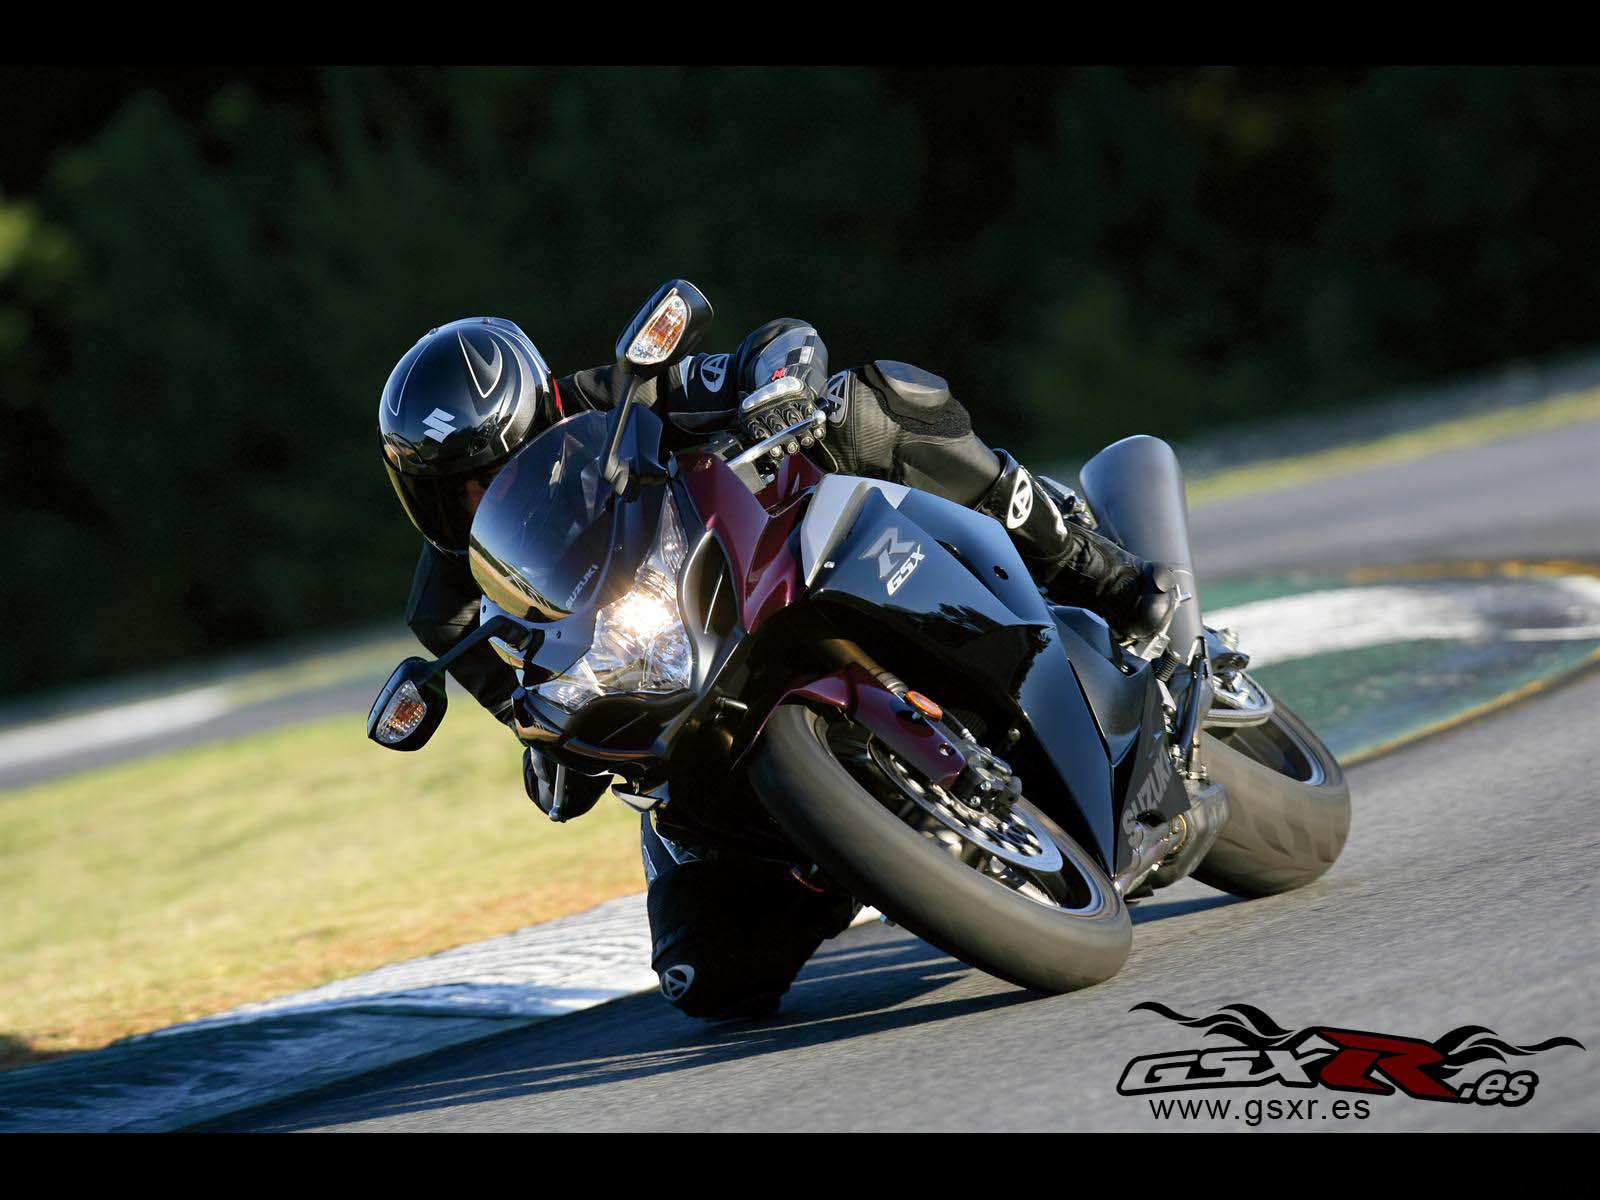 Suzuki GSX-R 1000 2009 burdeos negro